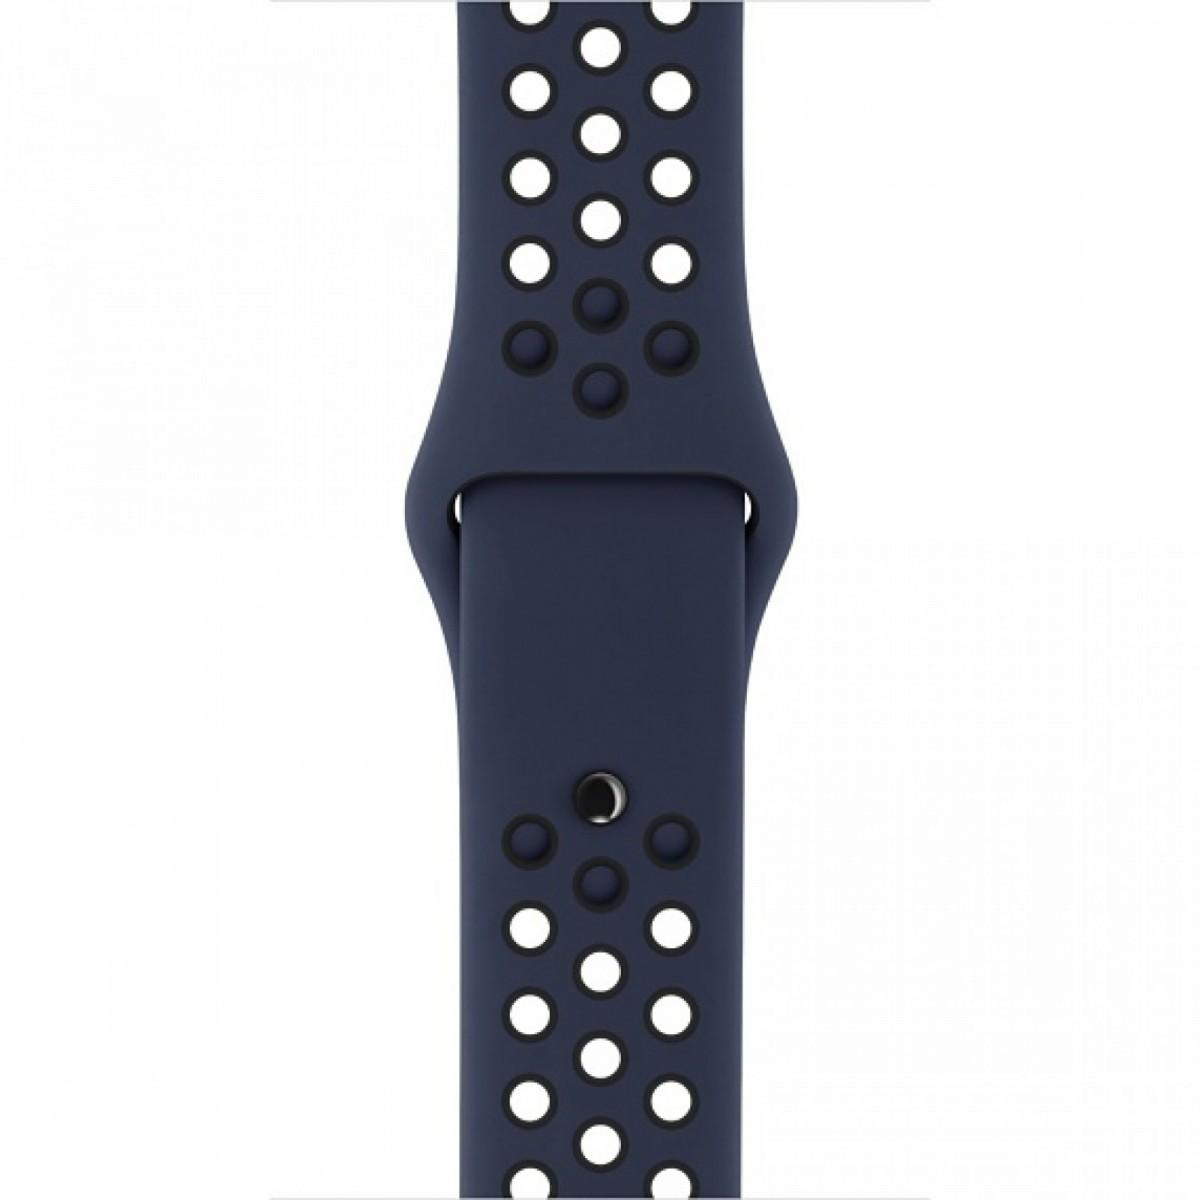 Řemínek SPORT pro Apple Watch Series 3/2/1 38mm - Půlnočně modrý/Černý